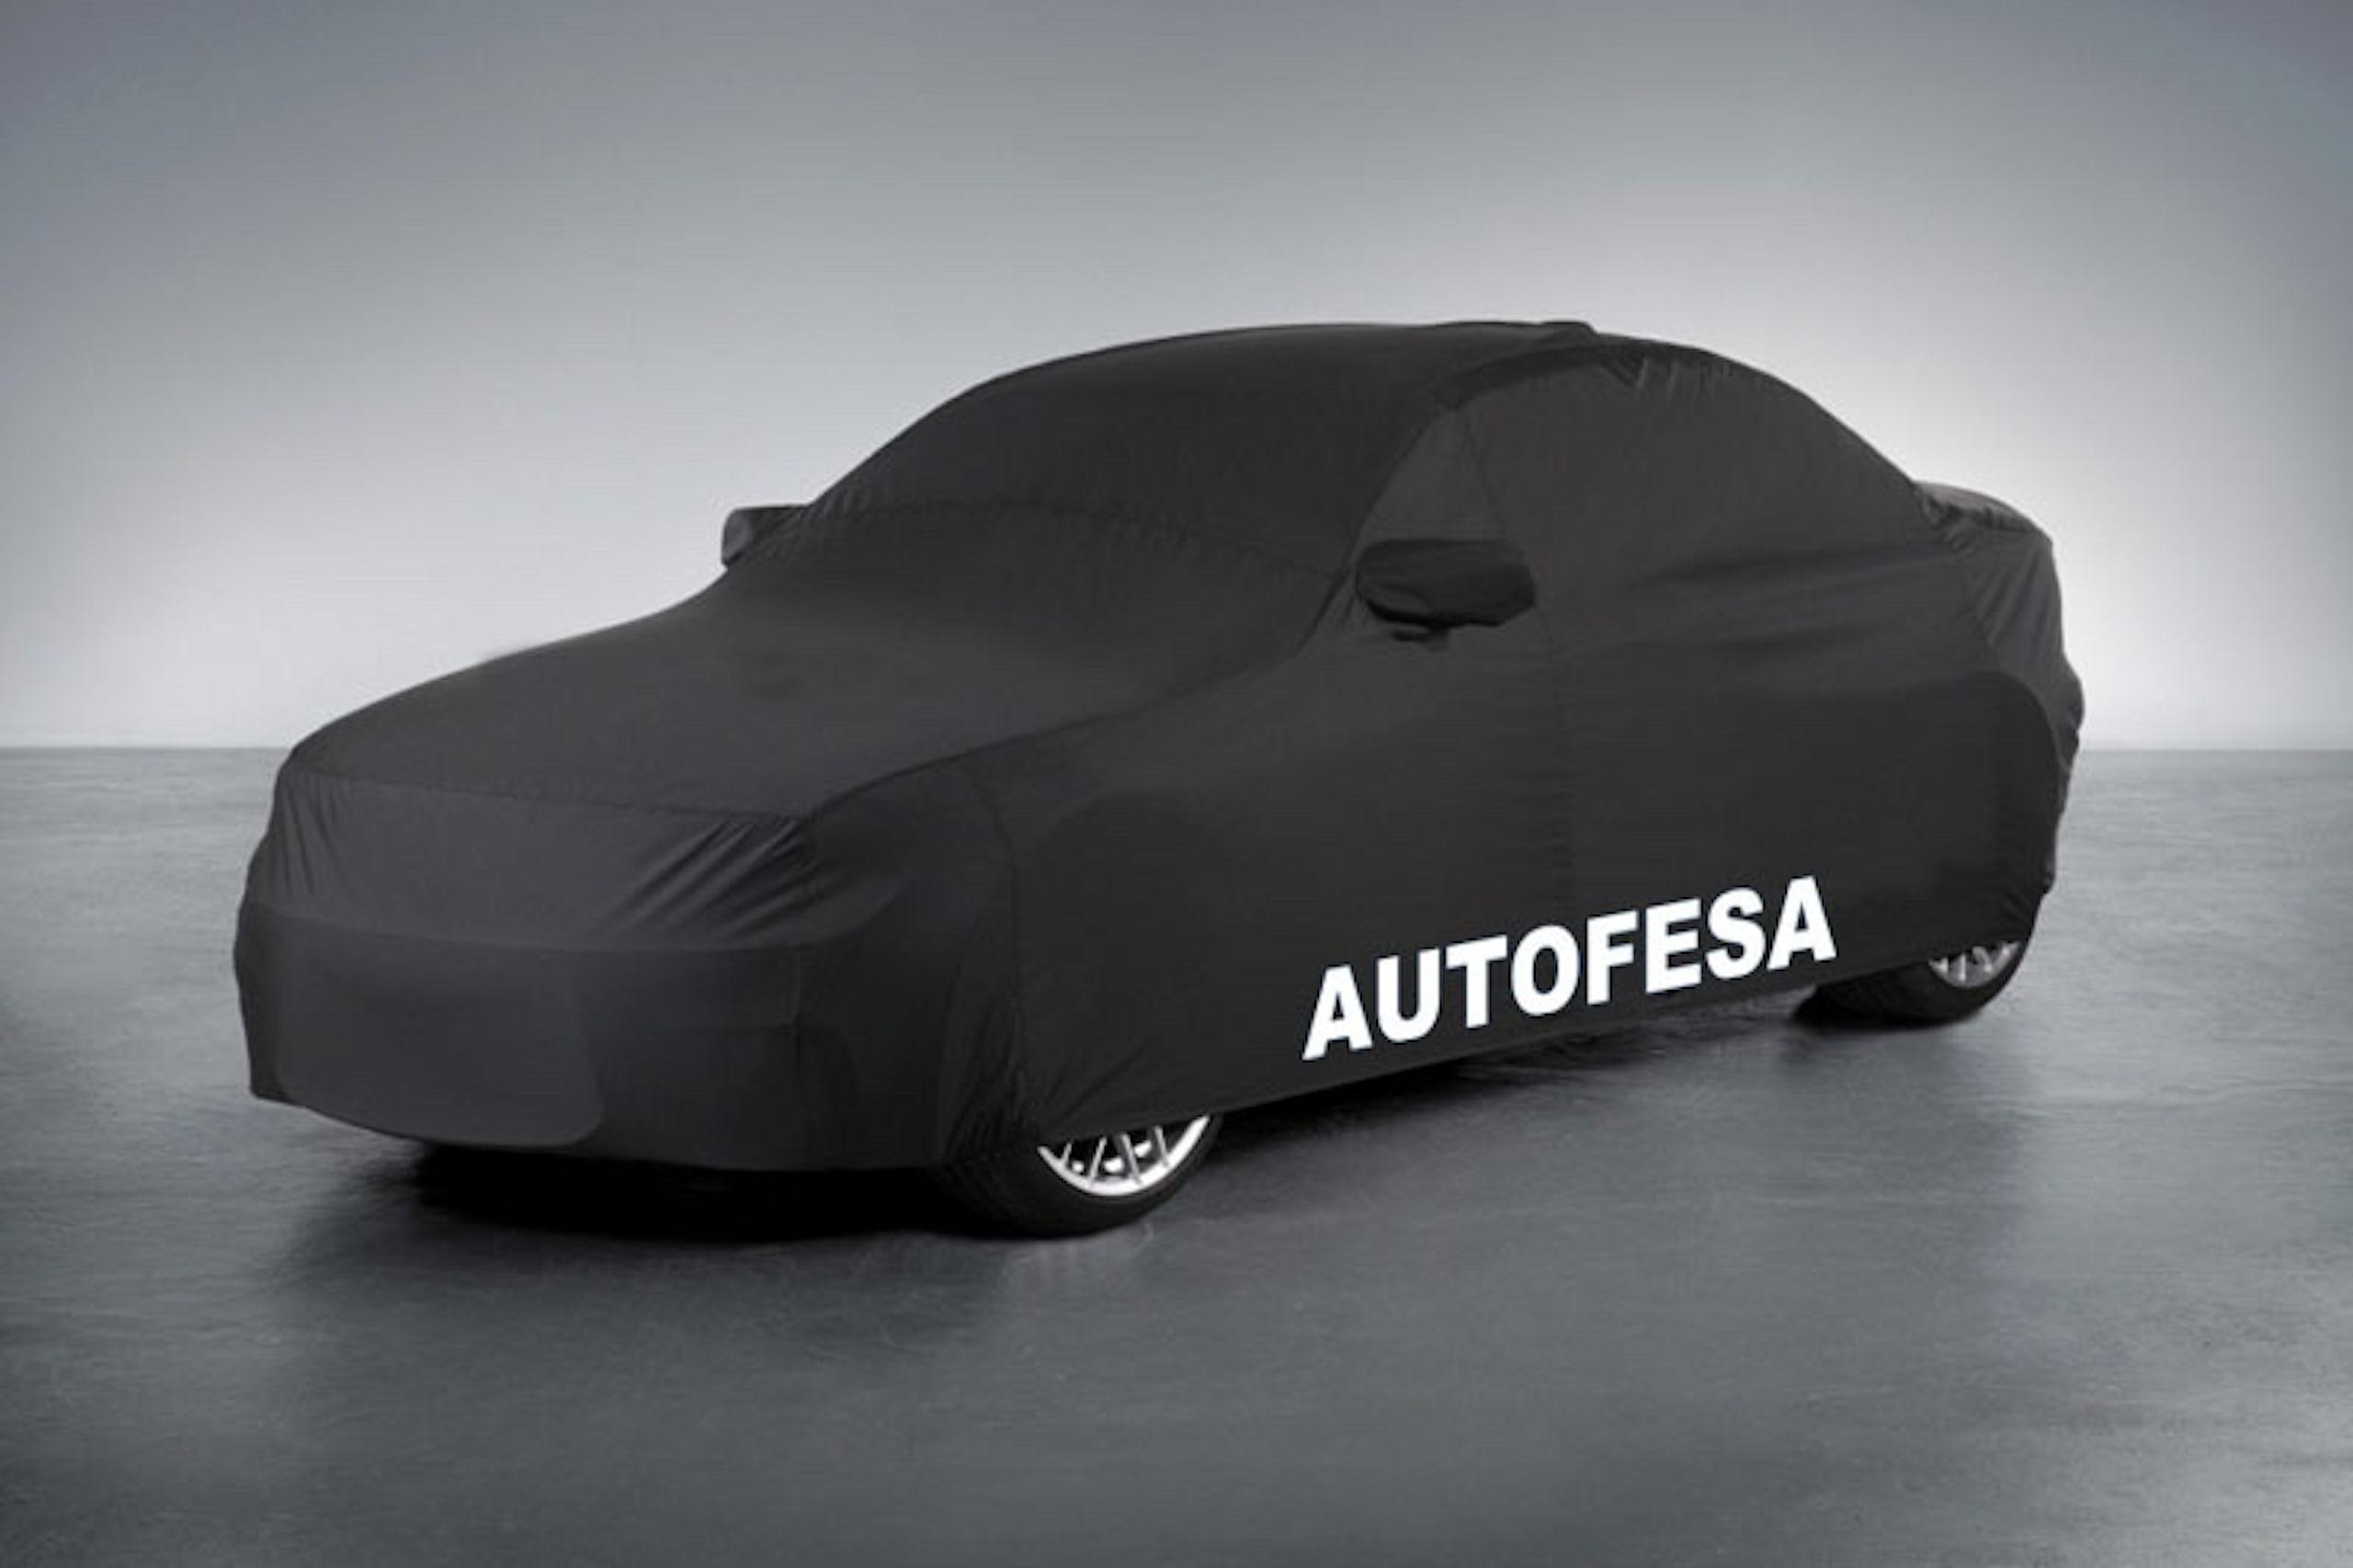 Audi A4 Avant 2.0 TDI 190cv quattro 5p S tronic Auto S/S - Foto 11